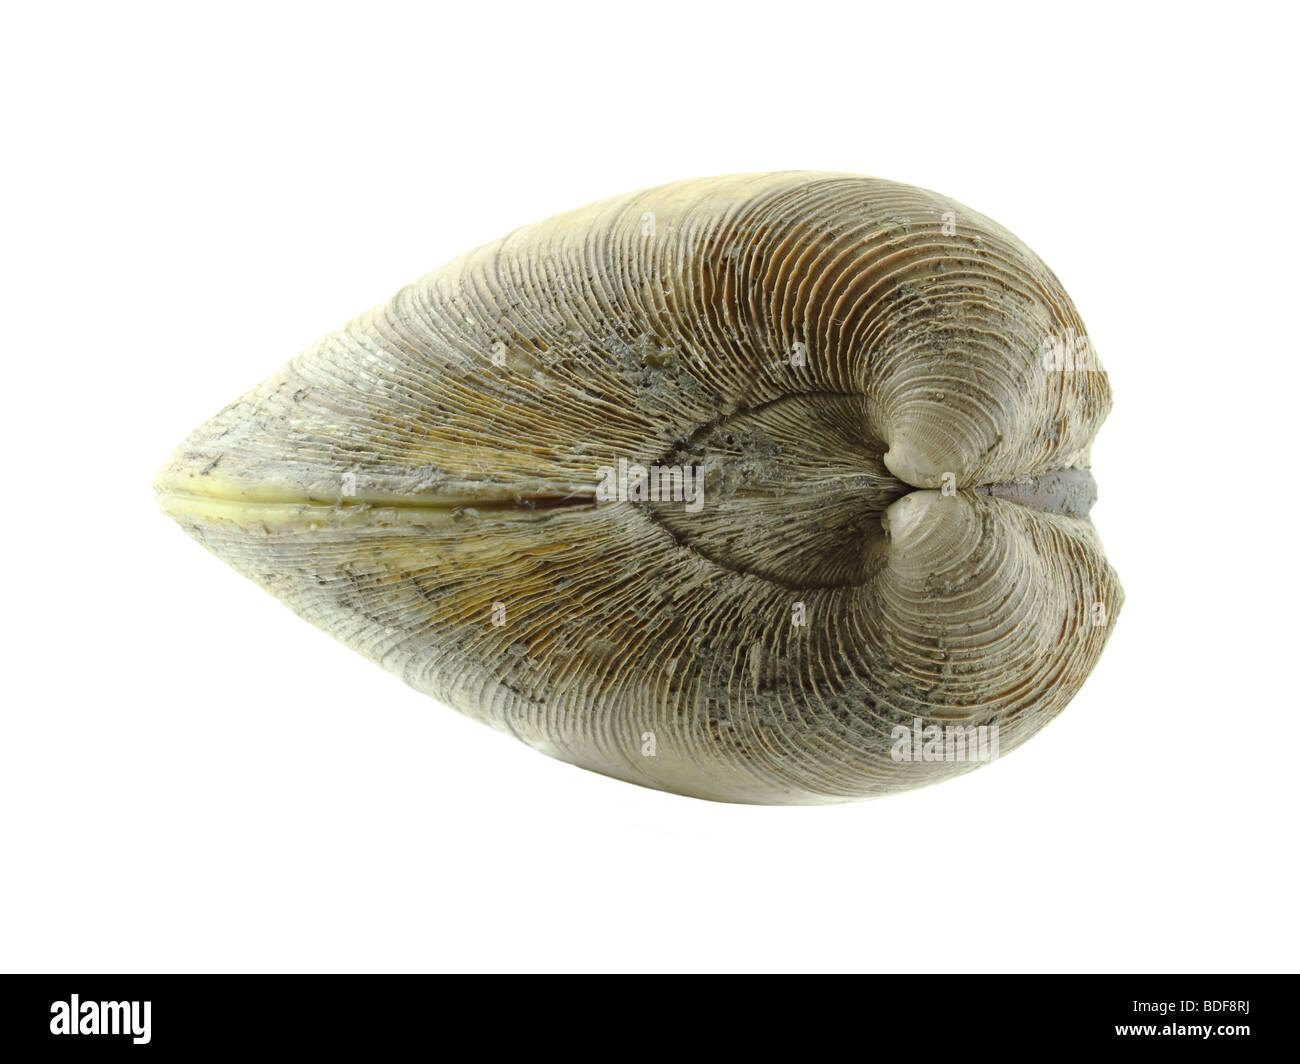 Quahog clam Stock Photo